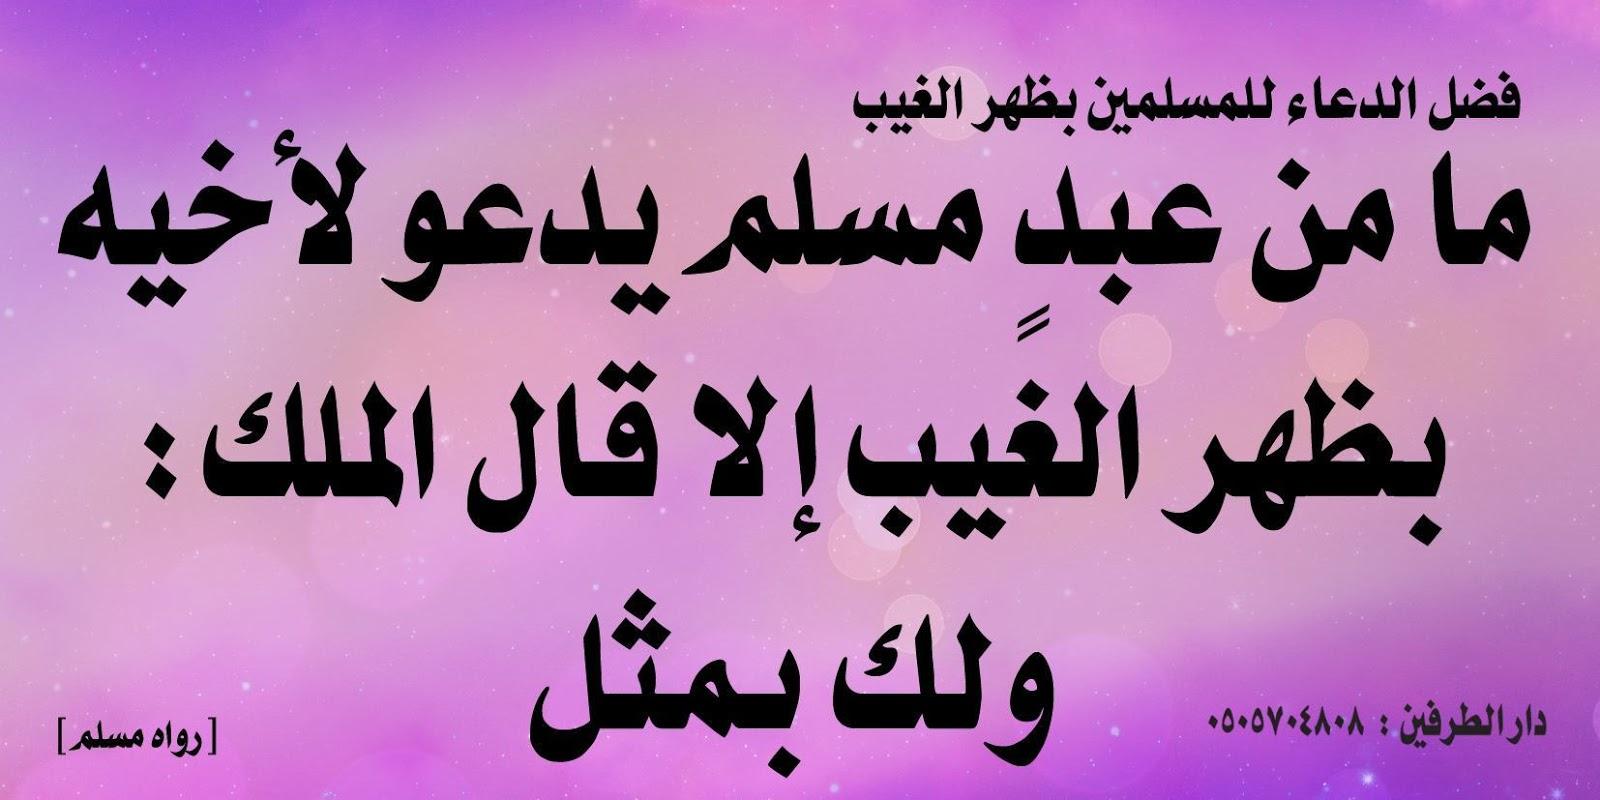 أحاديث الرسول فضل الدعاء للمسلمين بظهر الغيب